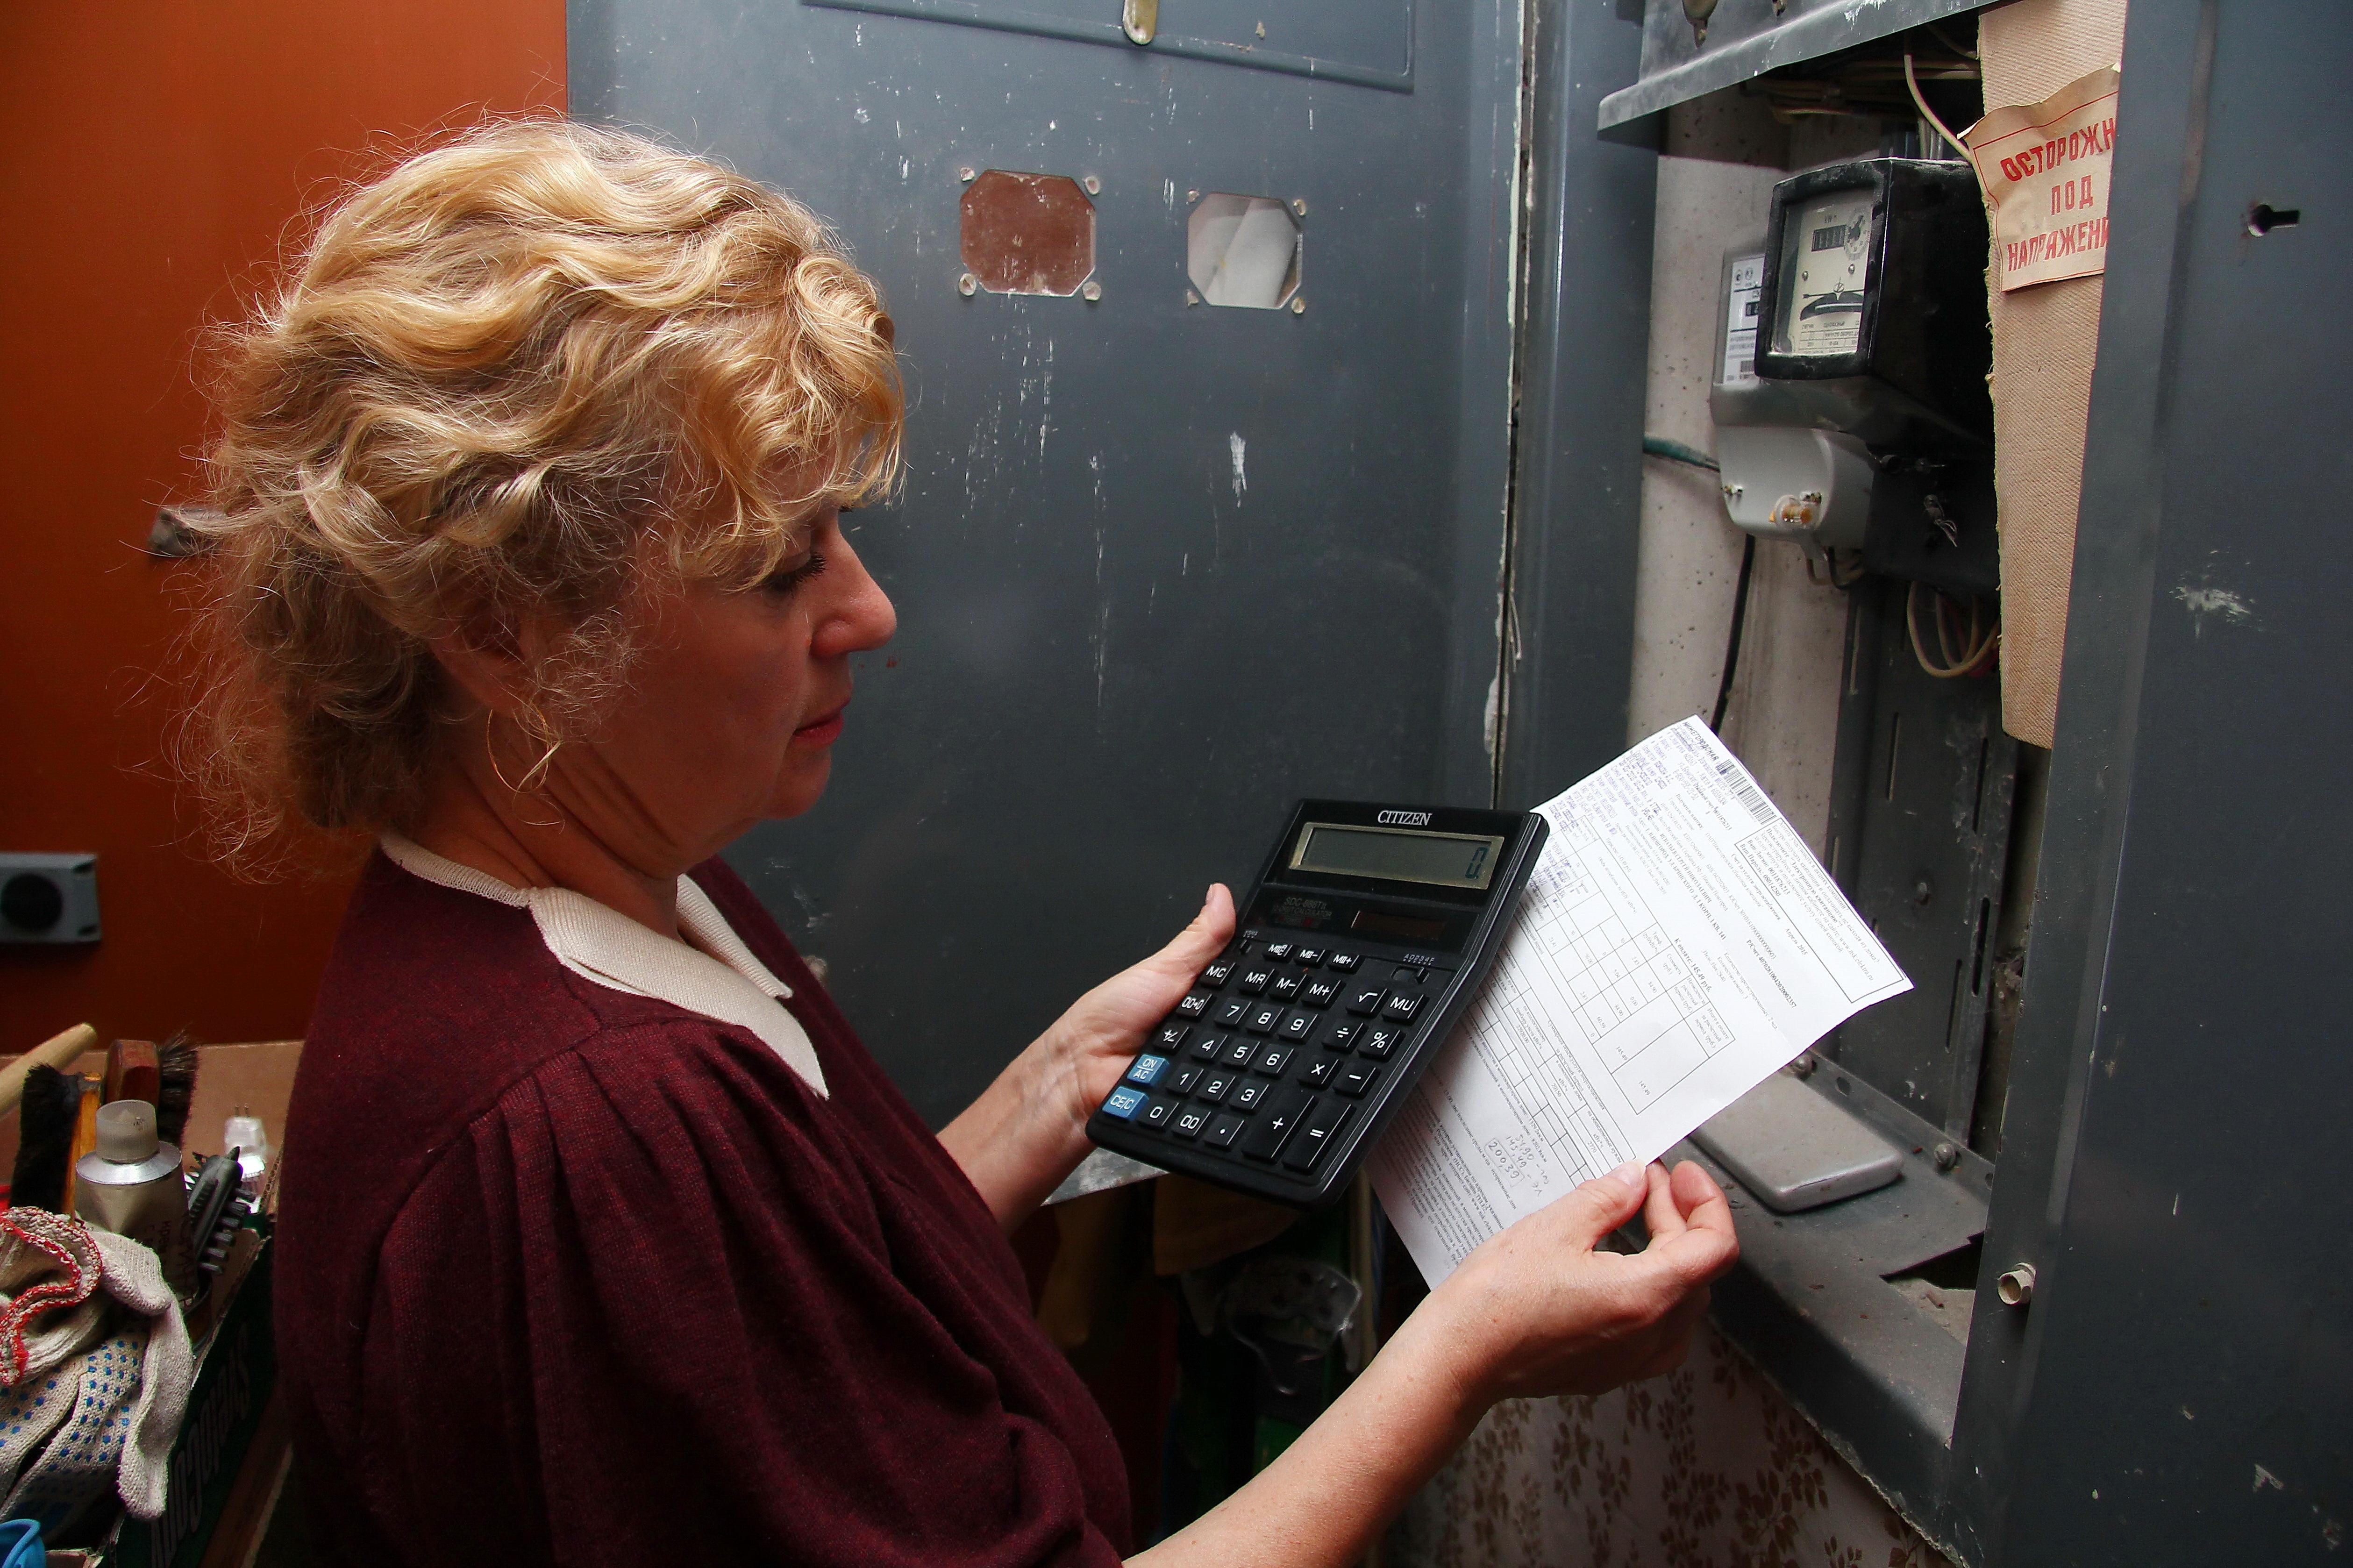 «ТСэнерго Ростов-на-Дону»: сверхтехнологичные счетчики электрической энергии незаконны